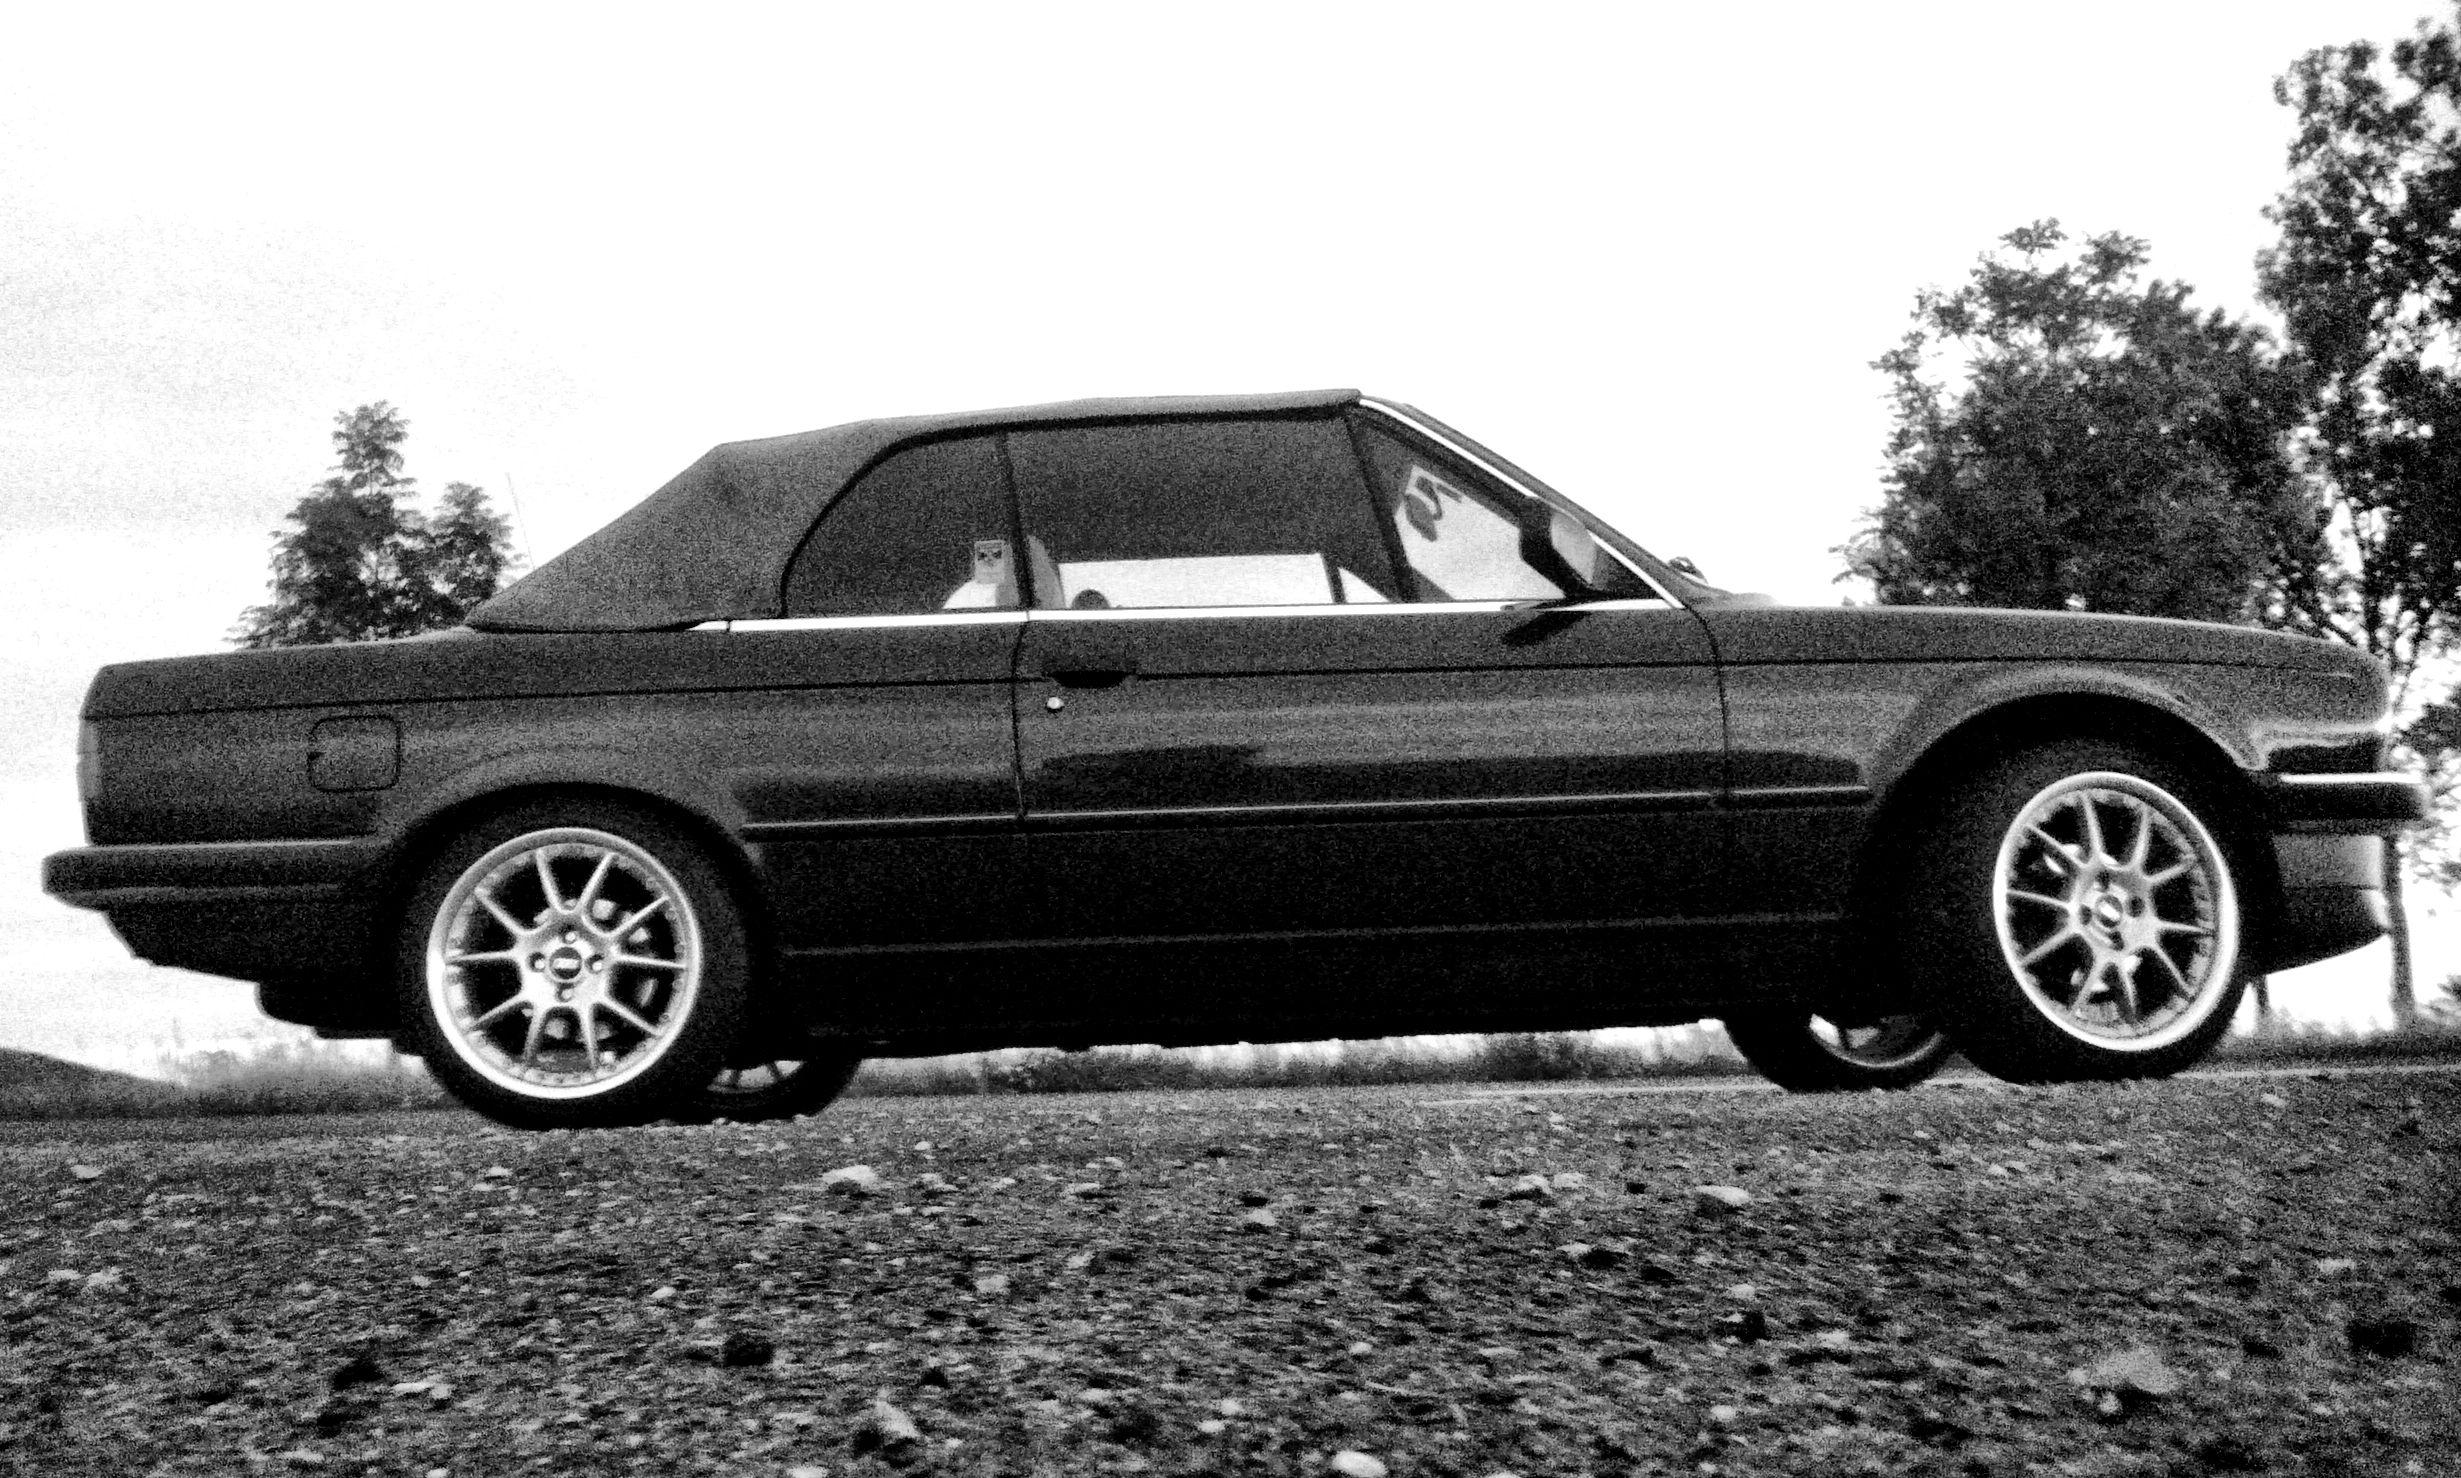 BMW E30 325i Cabrio/Convertible Bmw E30, Bmw, Convertible